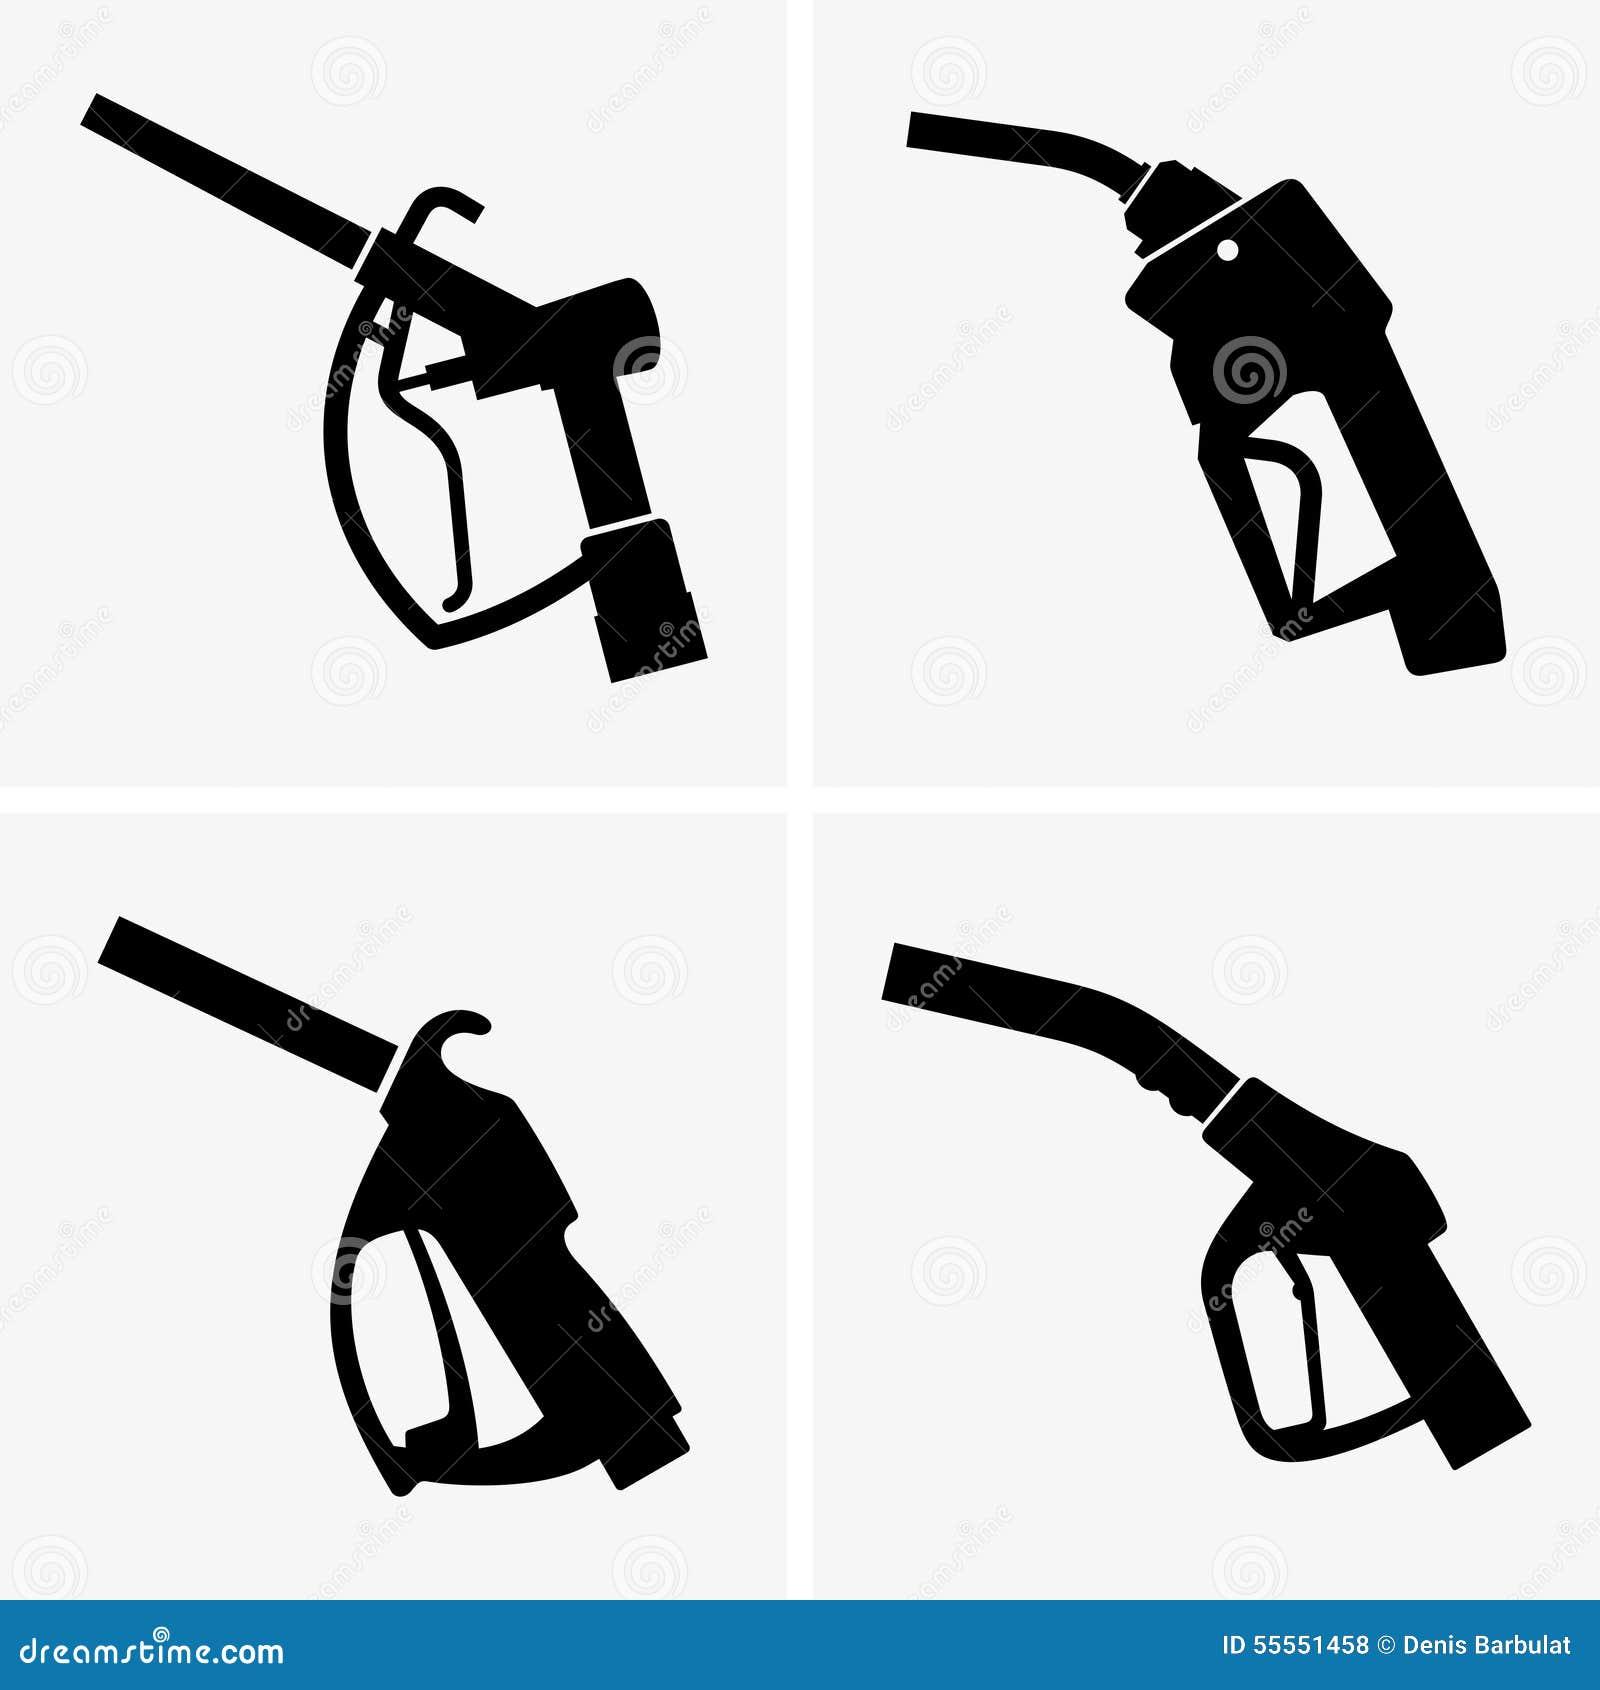 Pistolet de pompe gaz illustration de vecteur image - Pistolet a essence ...